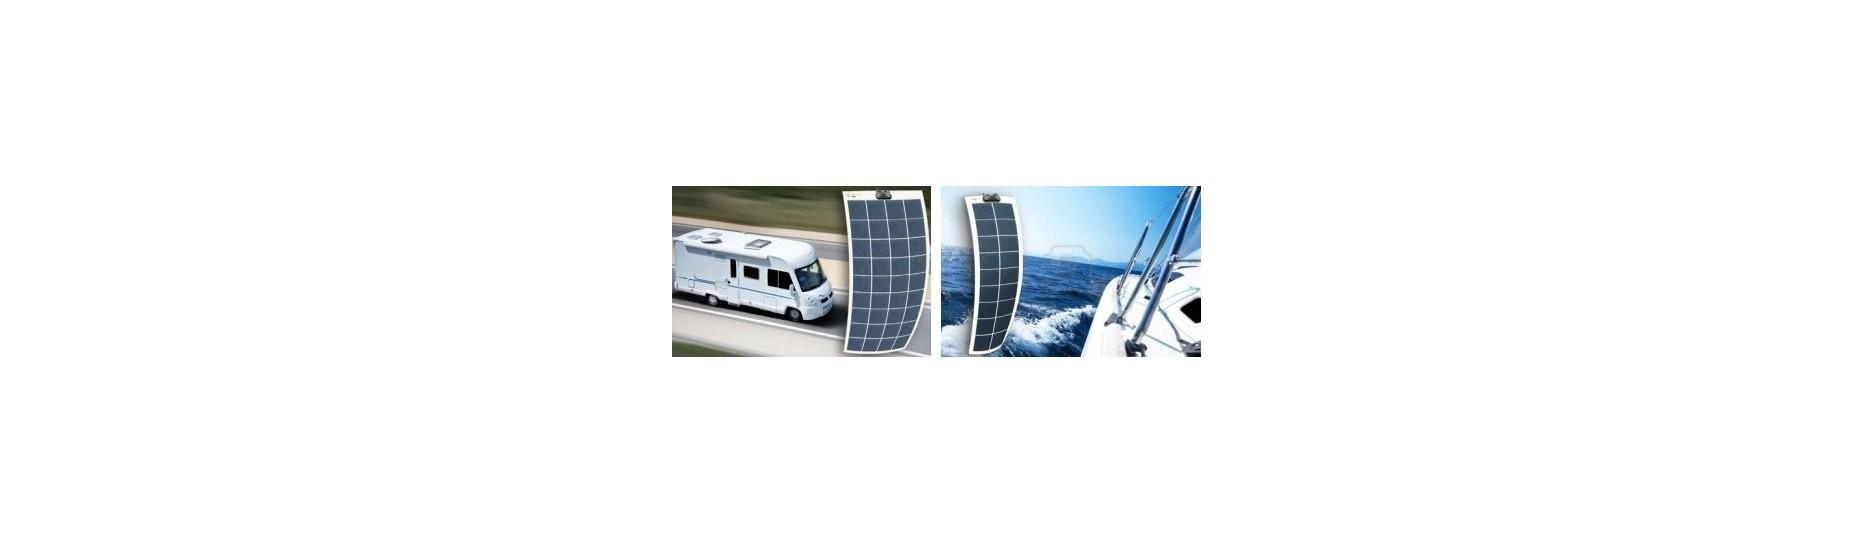 Flexibilní solární panely